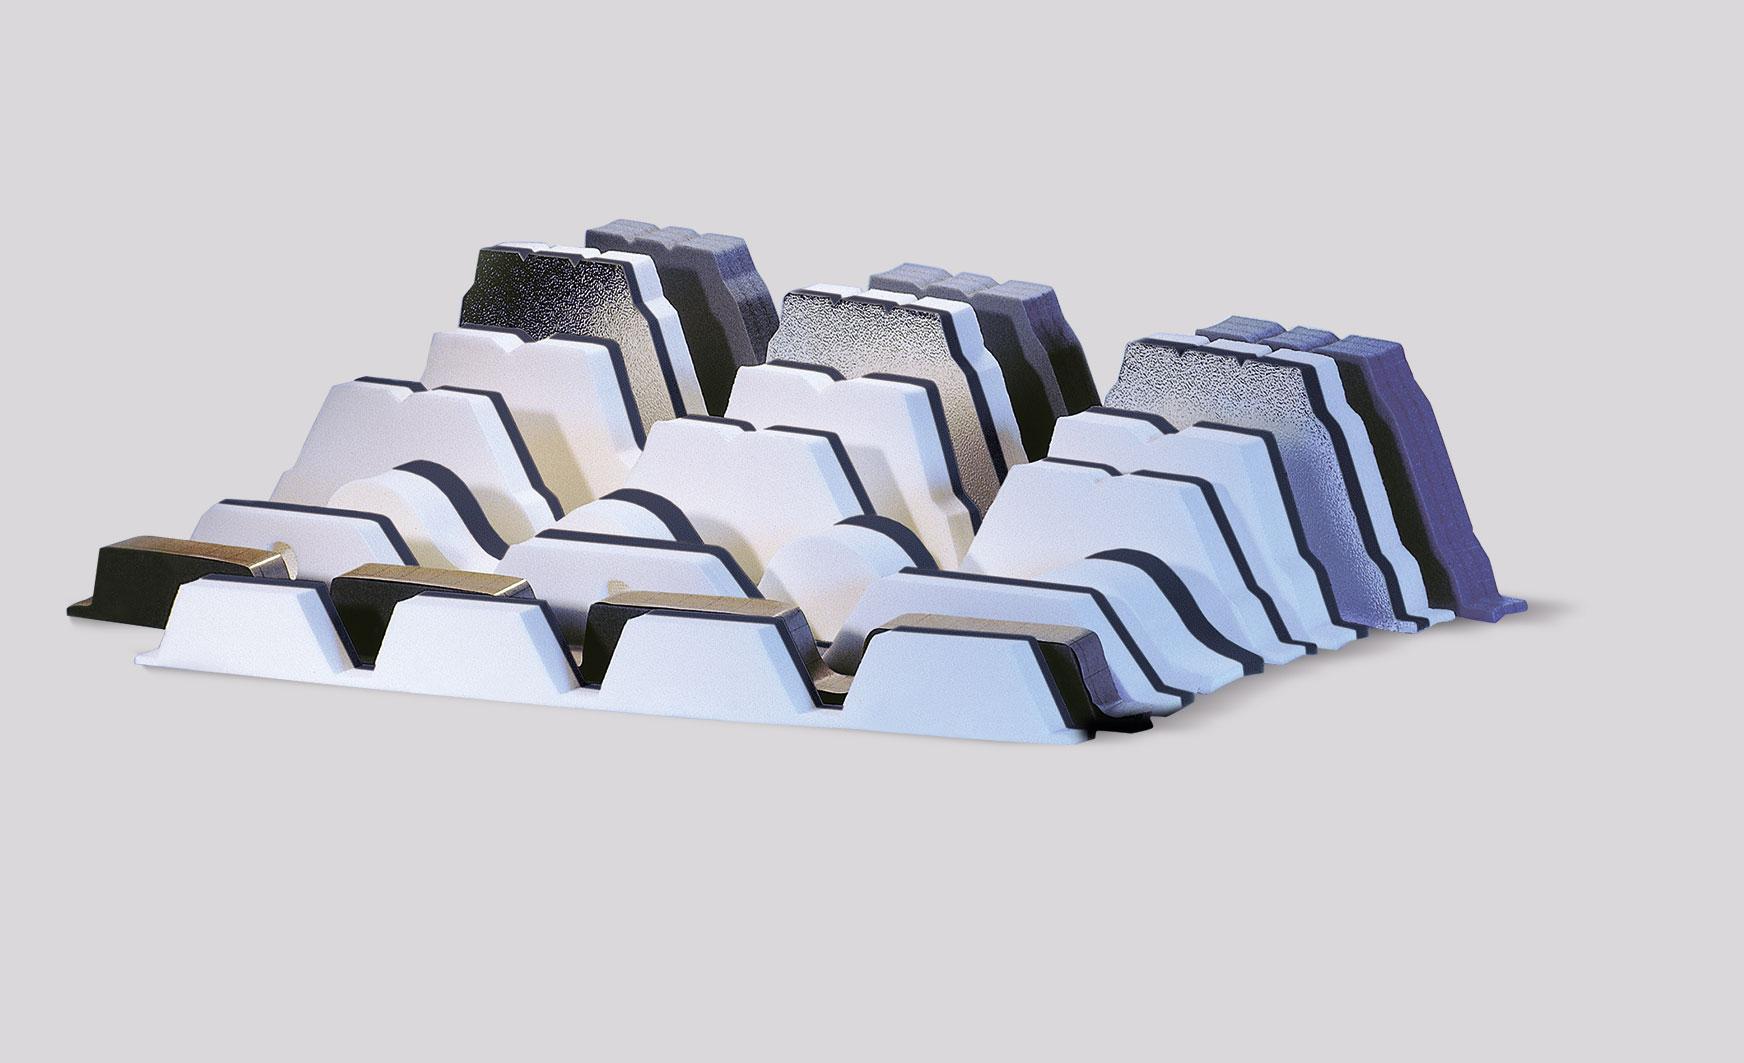 ISO-PROFIL FÜLLERLEISTEN und FÜLERSTÜCKE sind präzise profilierte Formteile für Blechtypen europäisc...